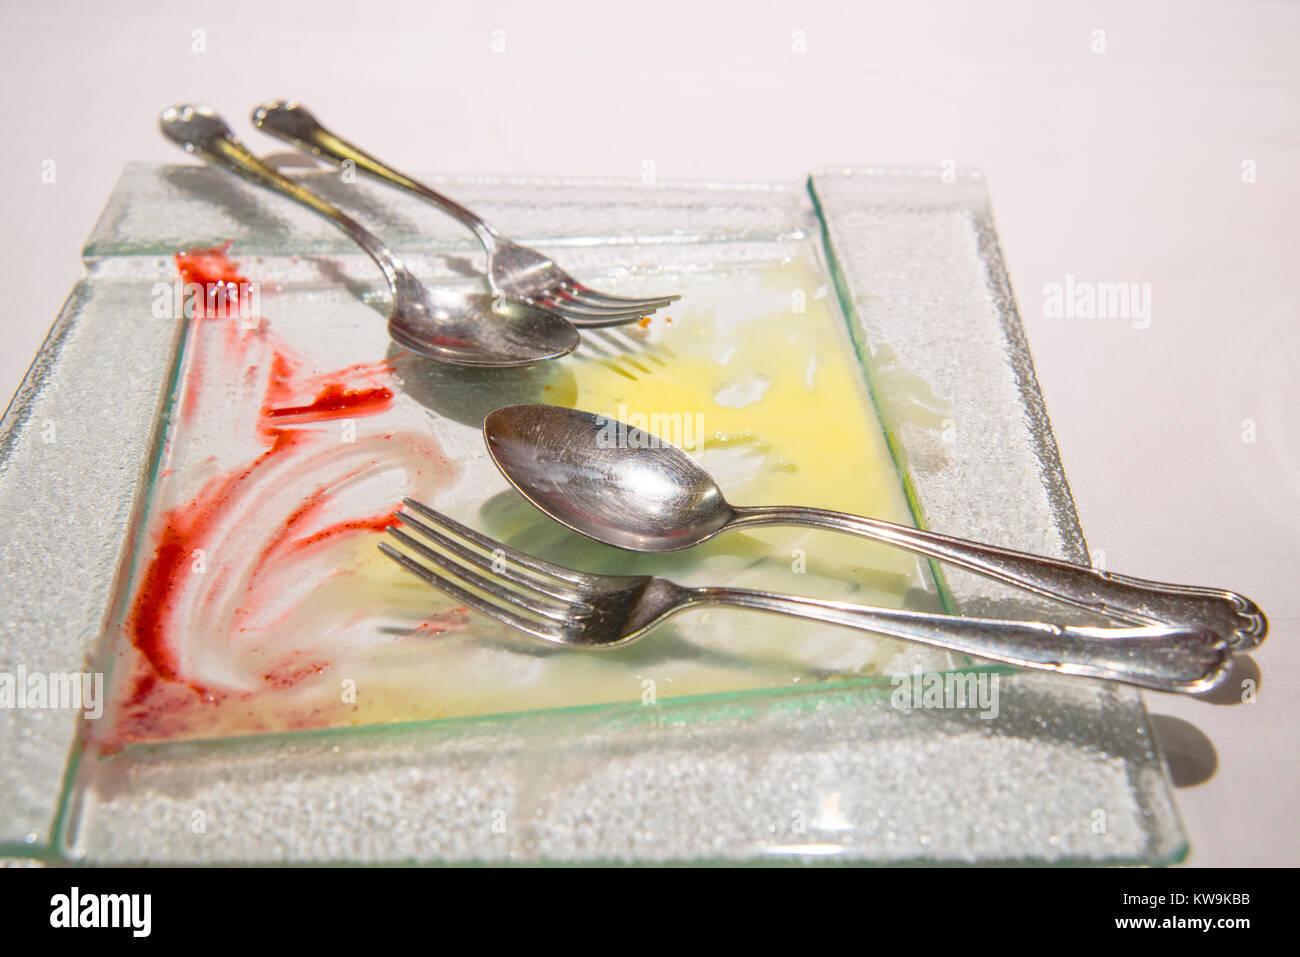 Después de comer postre: plato vacío con horquillas y cucharas. Imagen De Stock